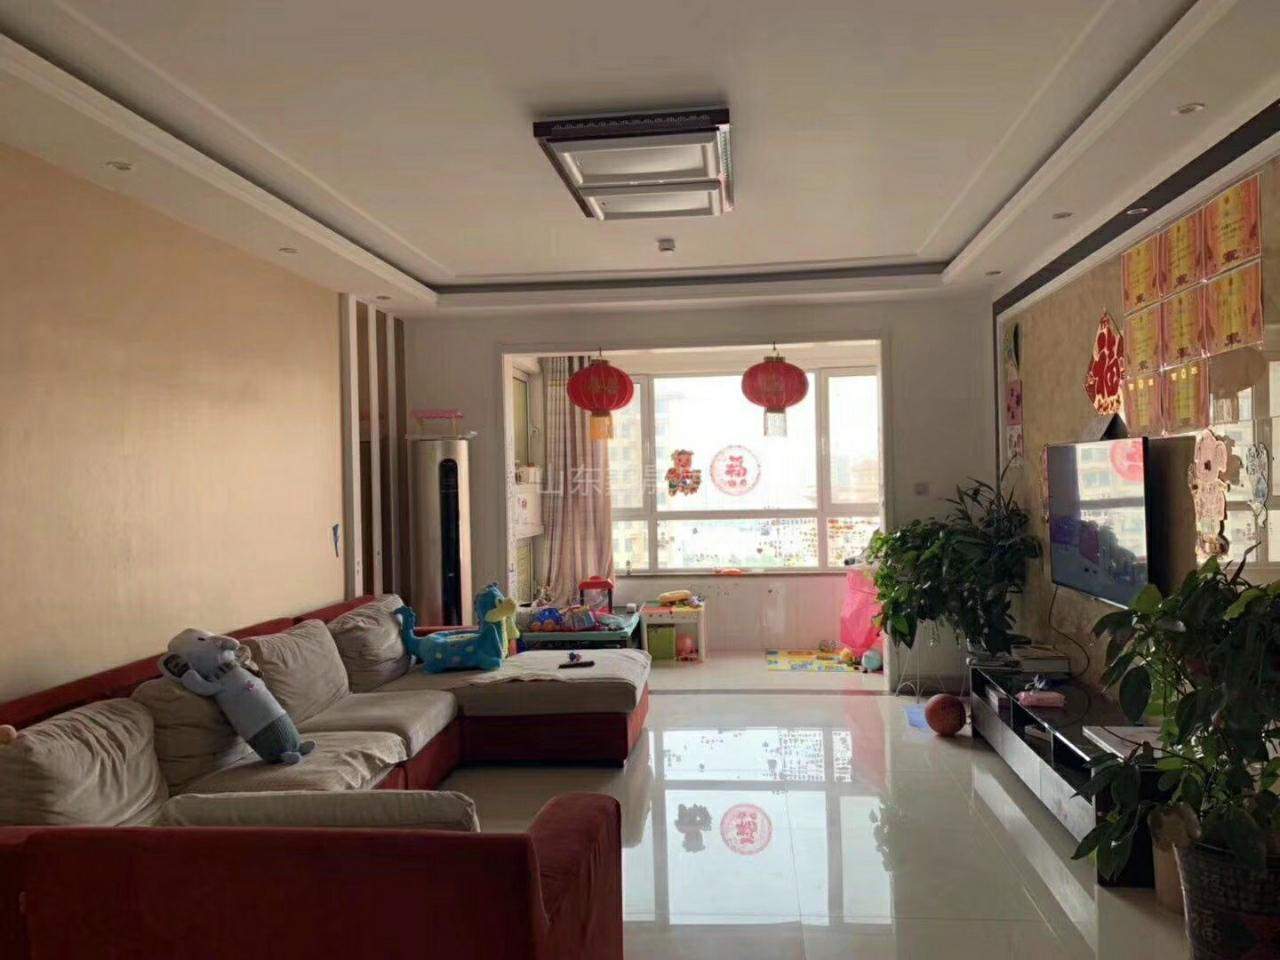 香驰·正苑3室 2厅 2卫142万元